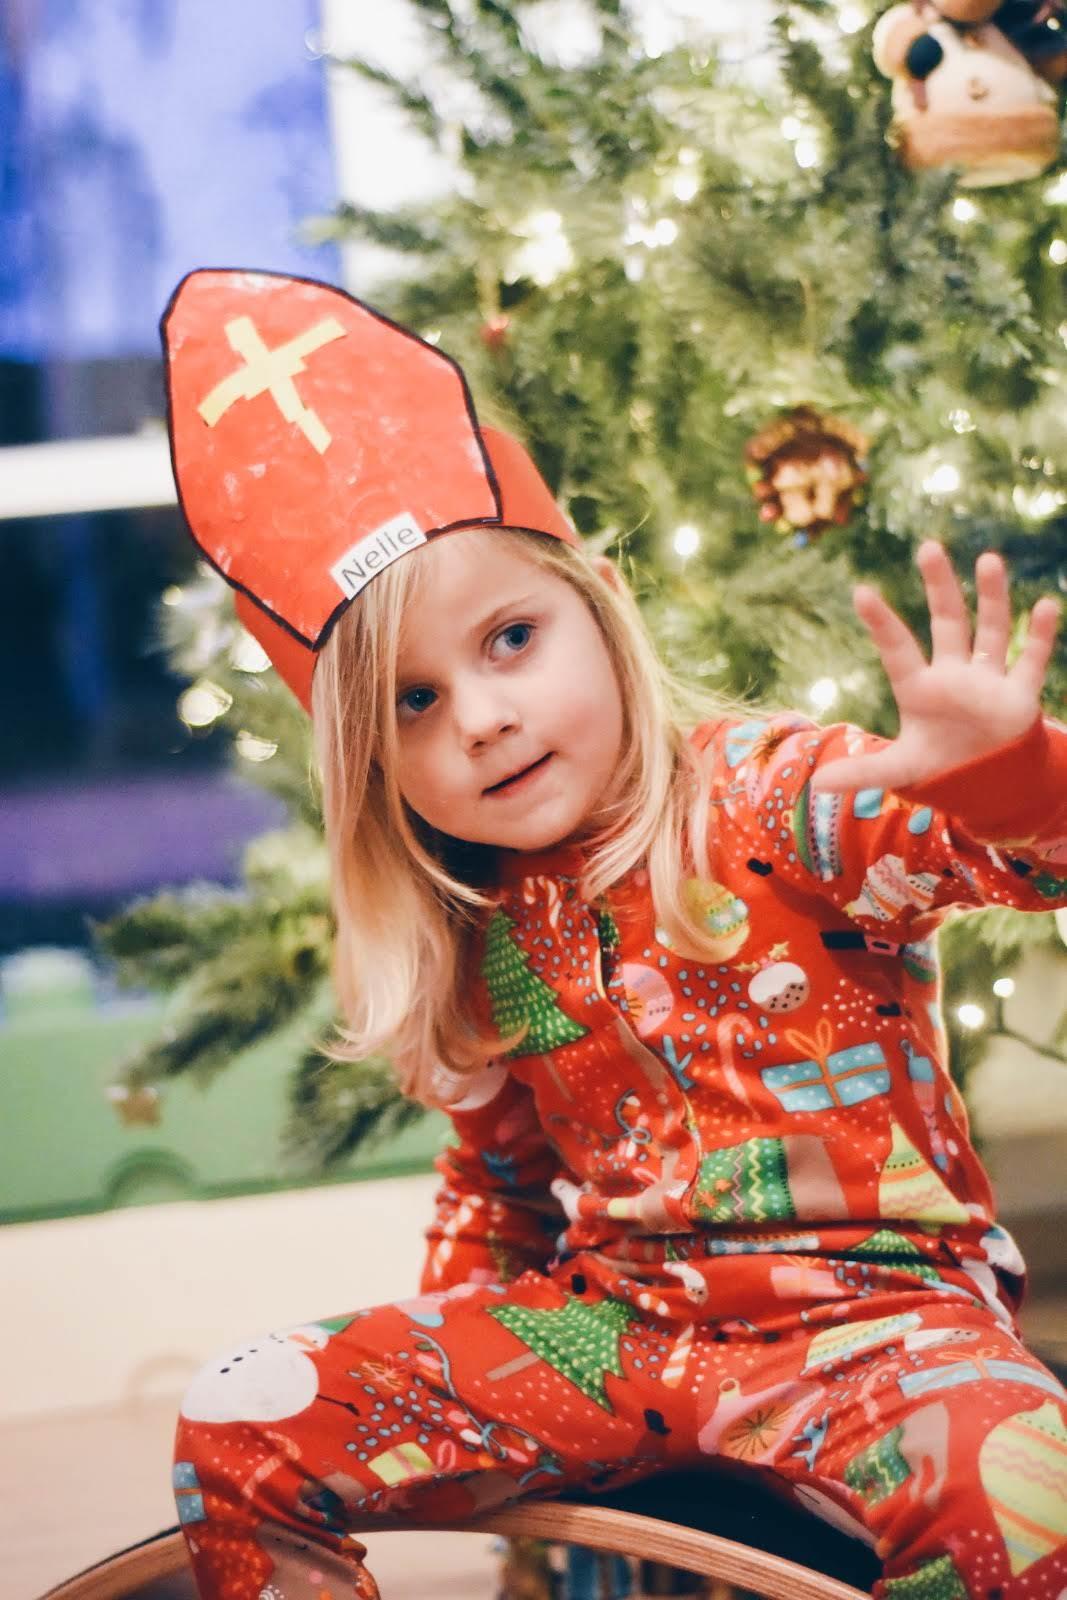 Dag Sinterklaasje, daaaag!